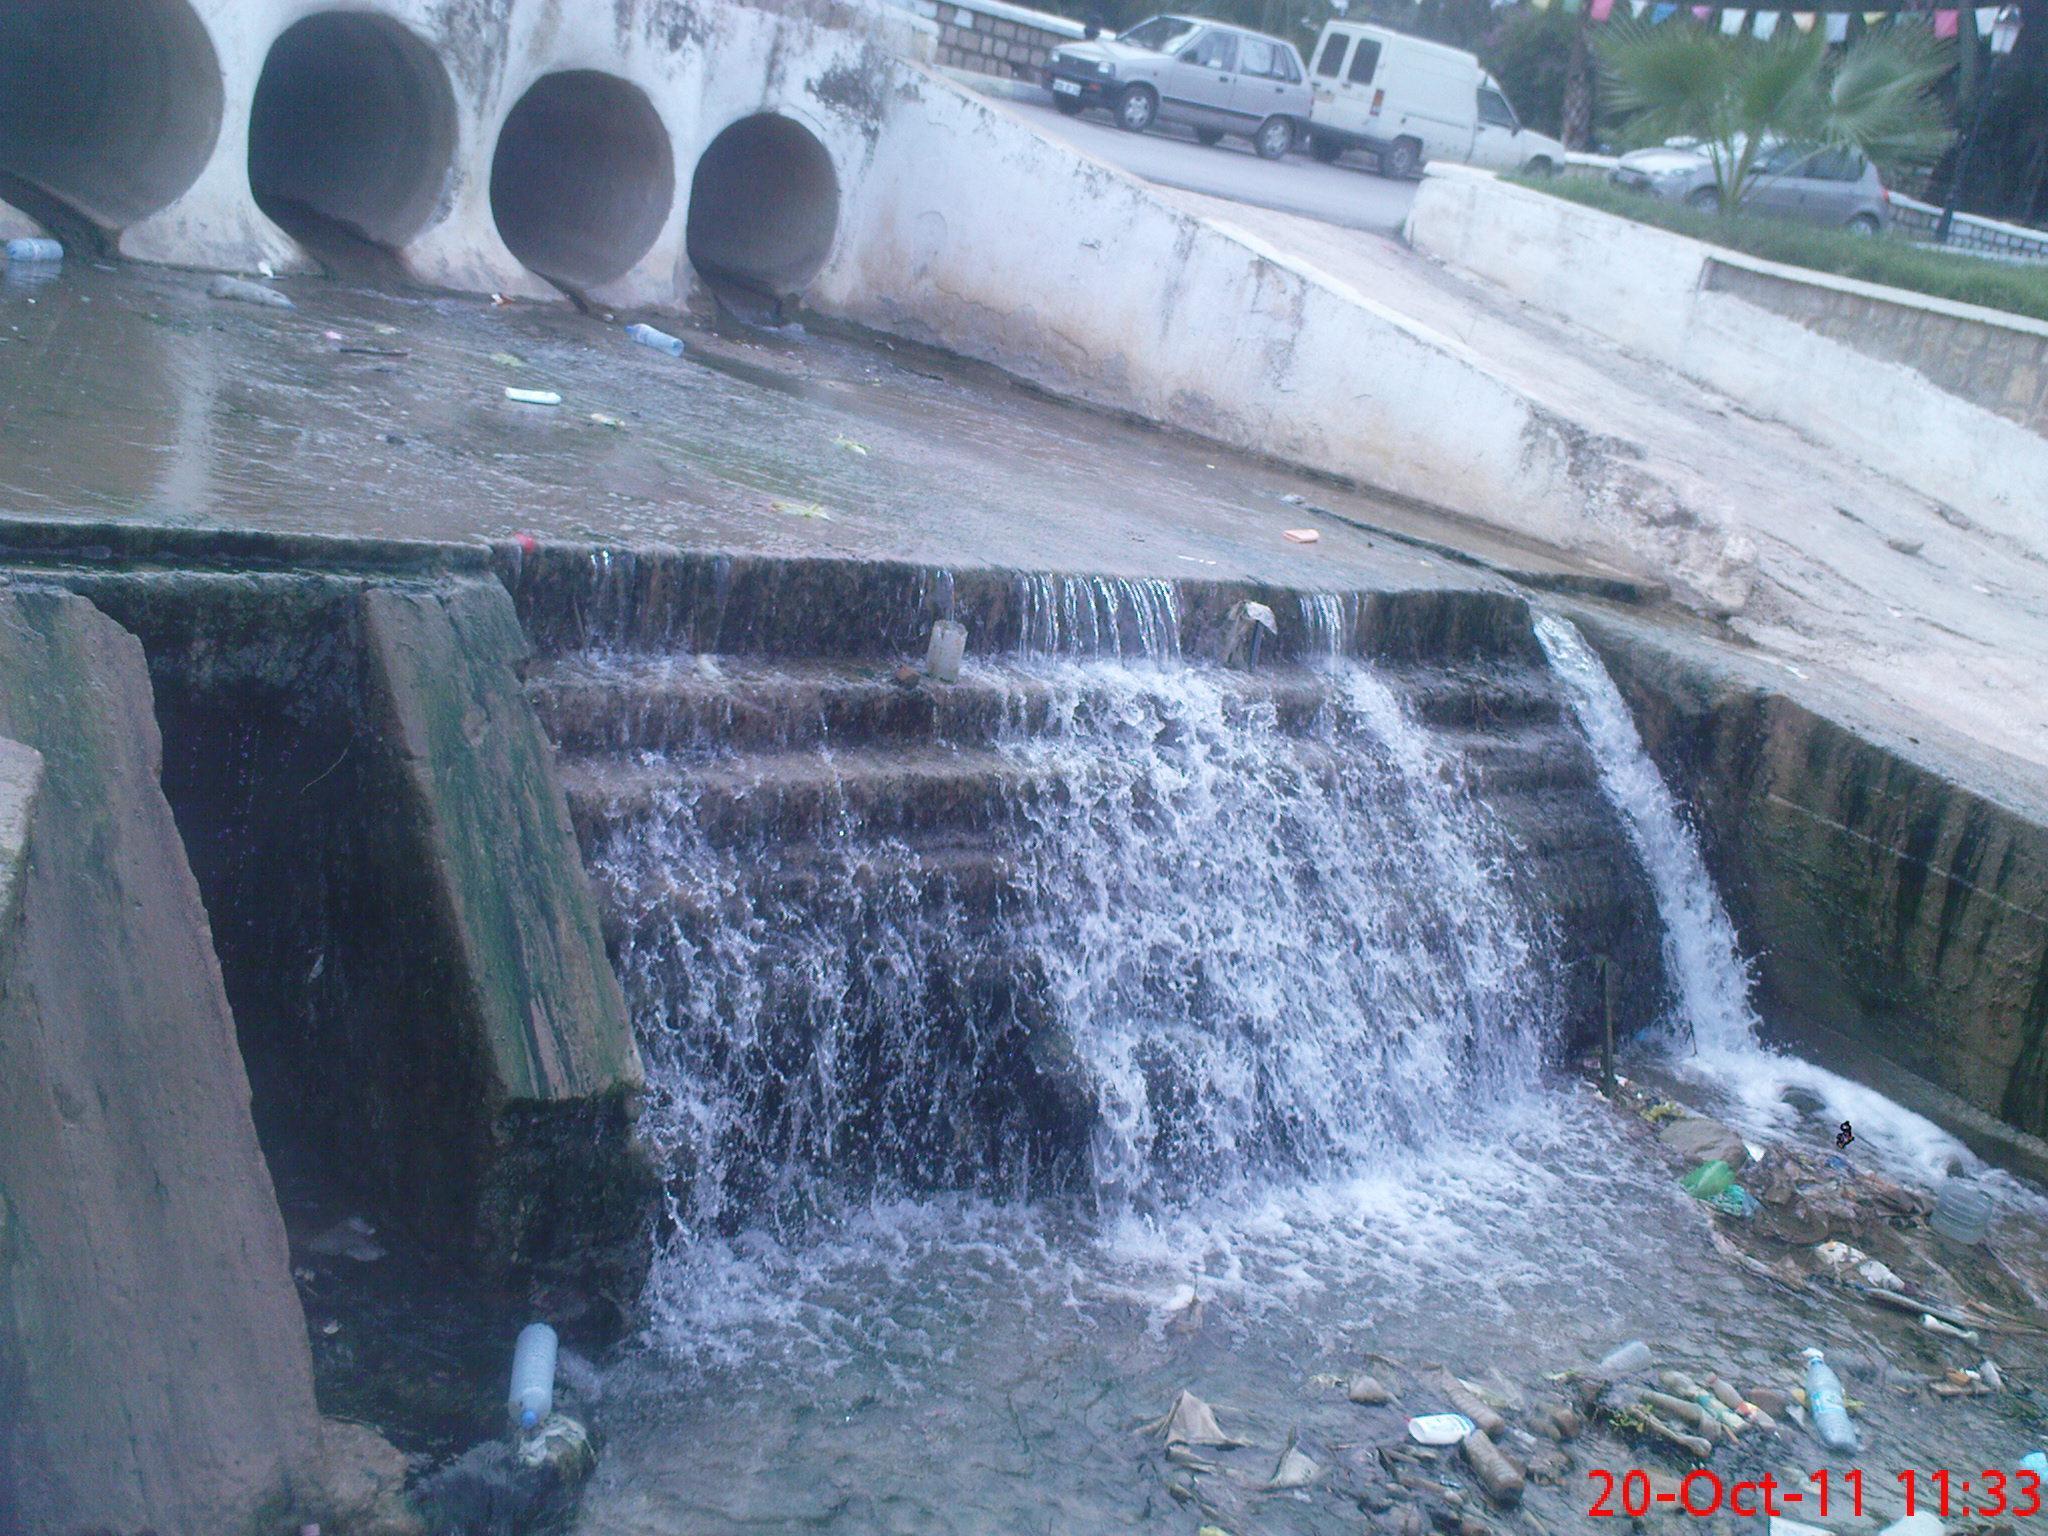 صور حصرية من حمام الشلالة حمام دباغ 945218828